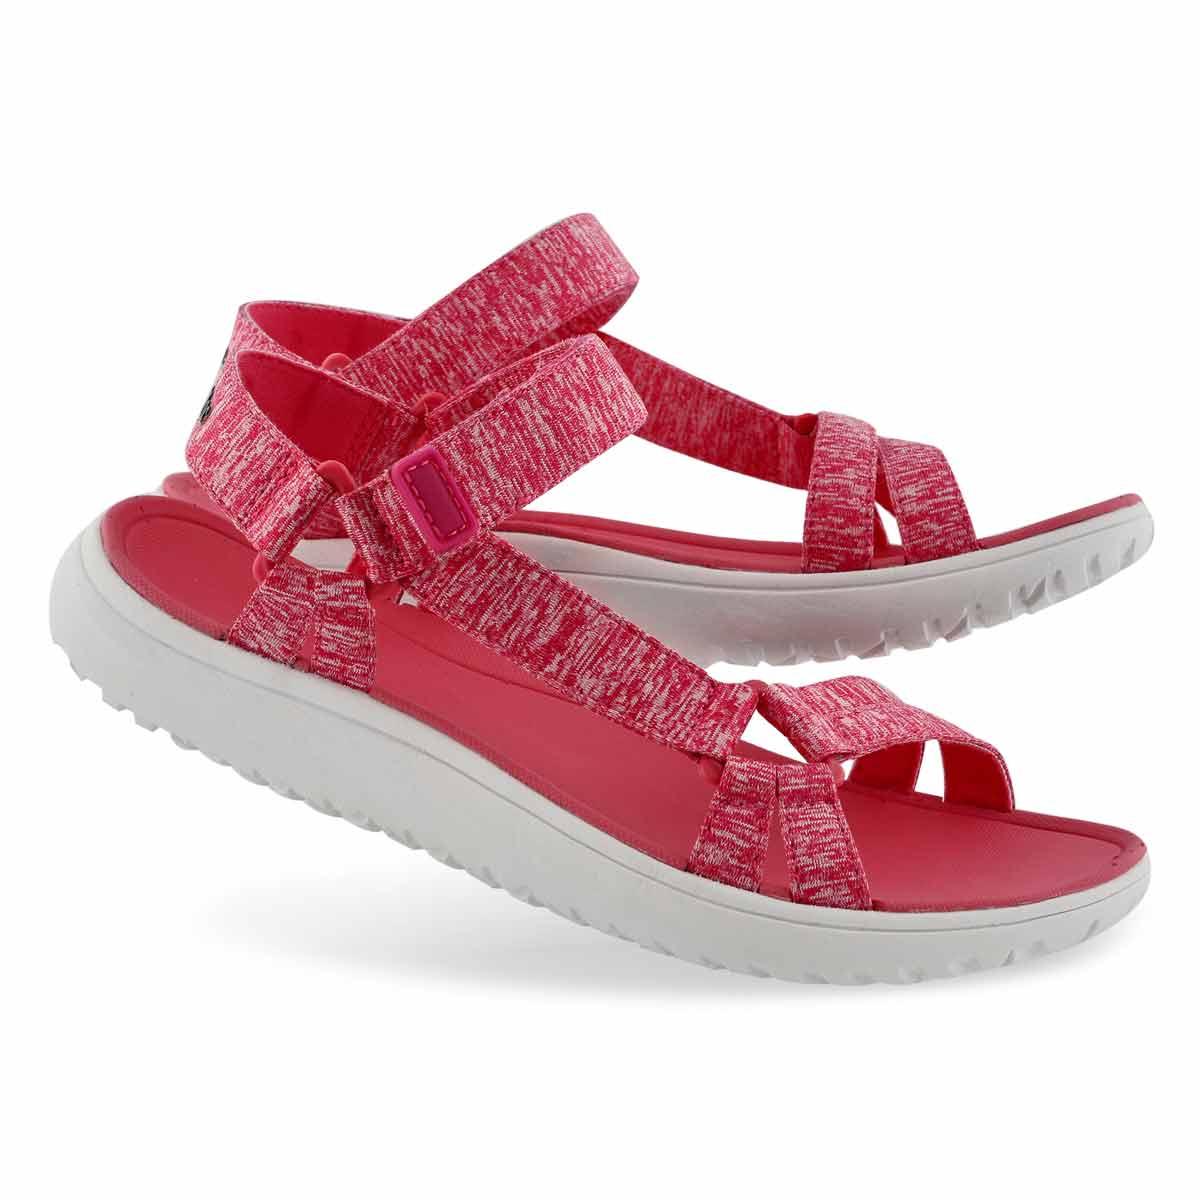 Lds Yara pink sport sandal